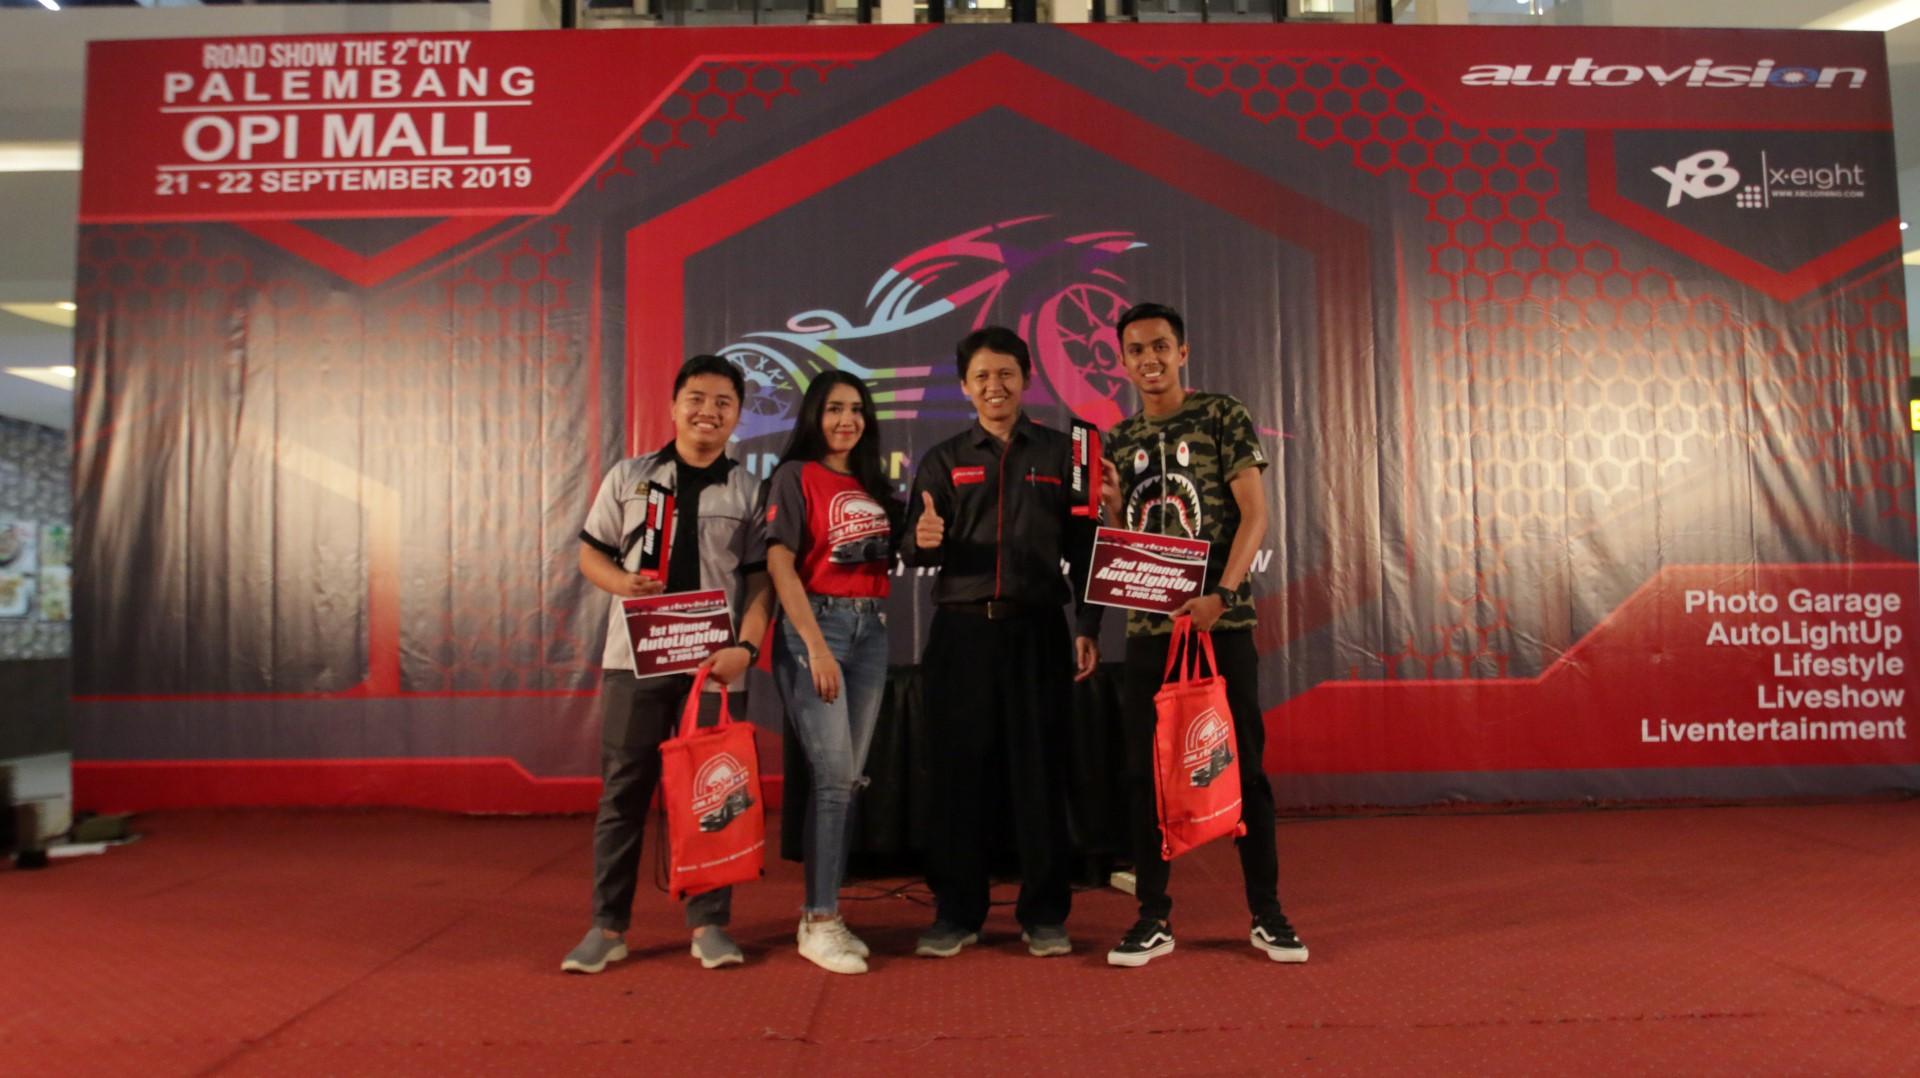 Pemenang AutoLightUp - Palembang (Large)